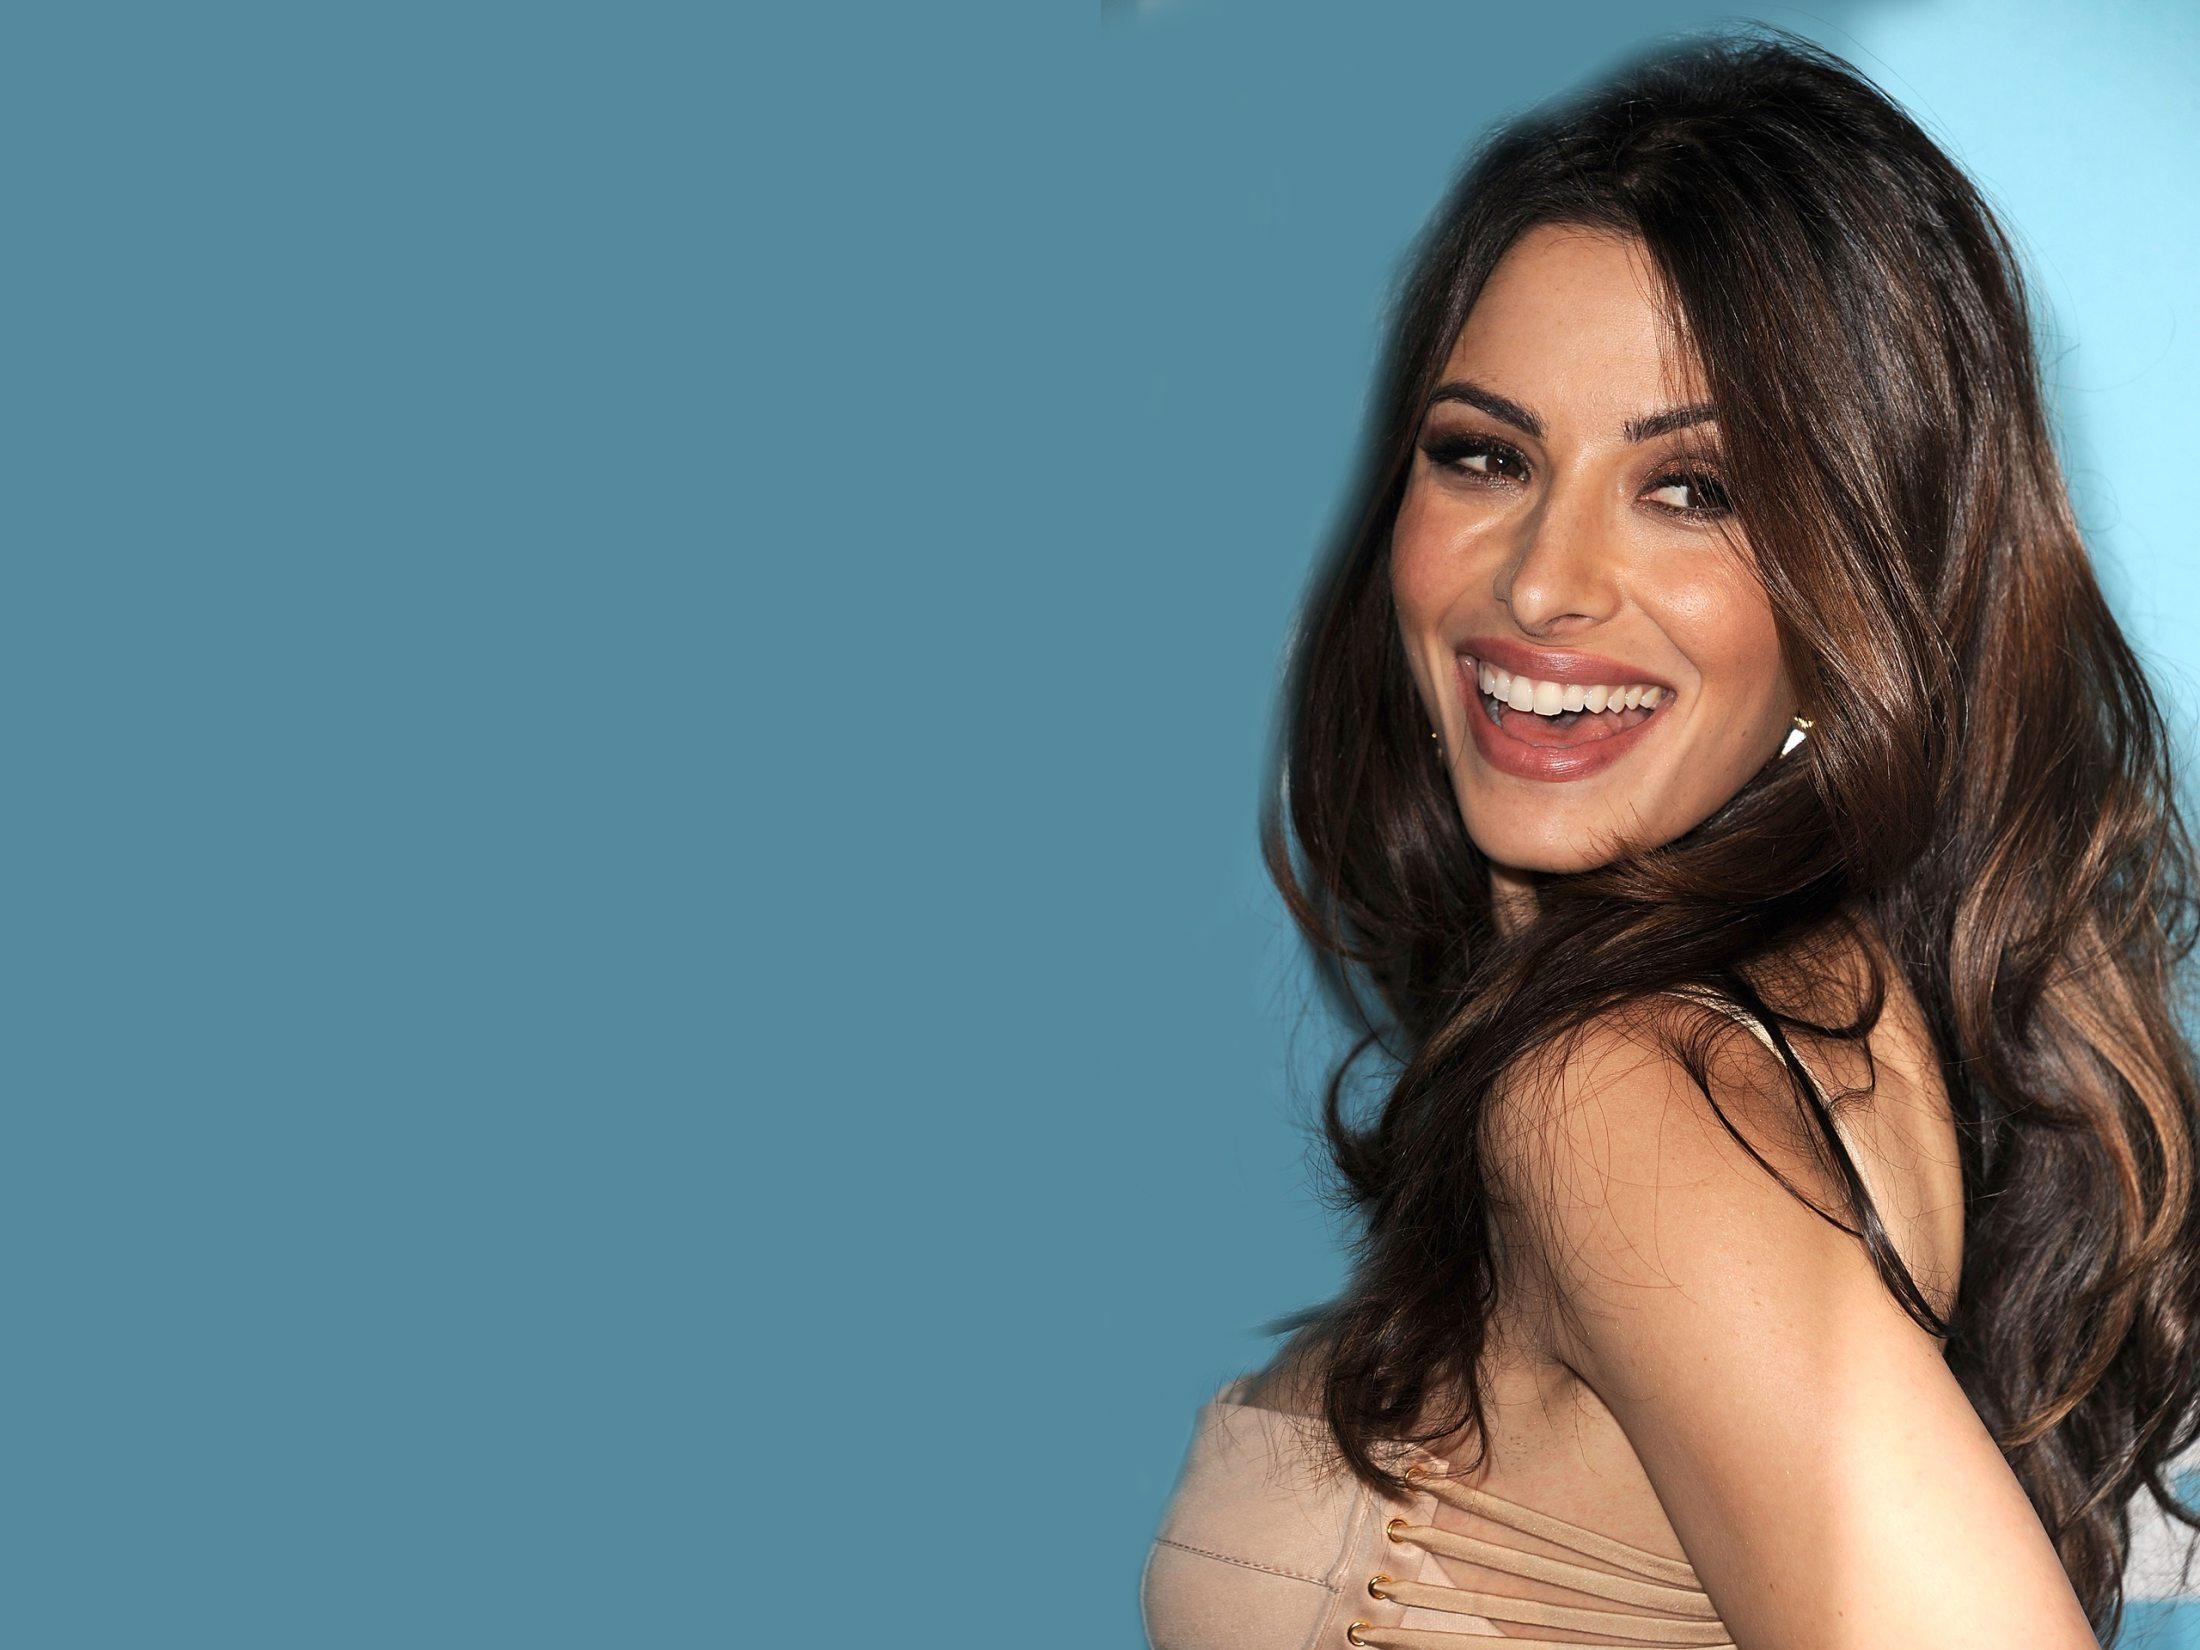 Sarah Shahi For Desktop Background